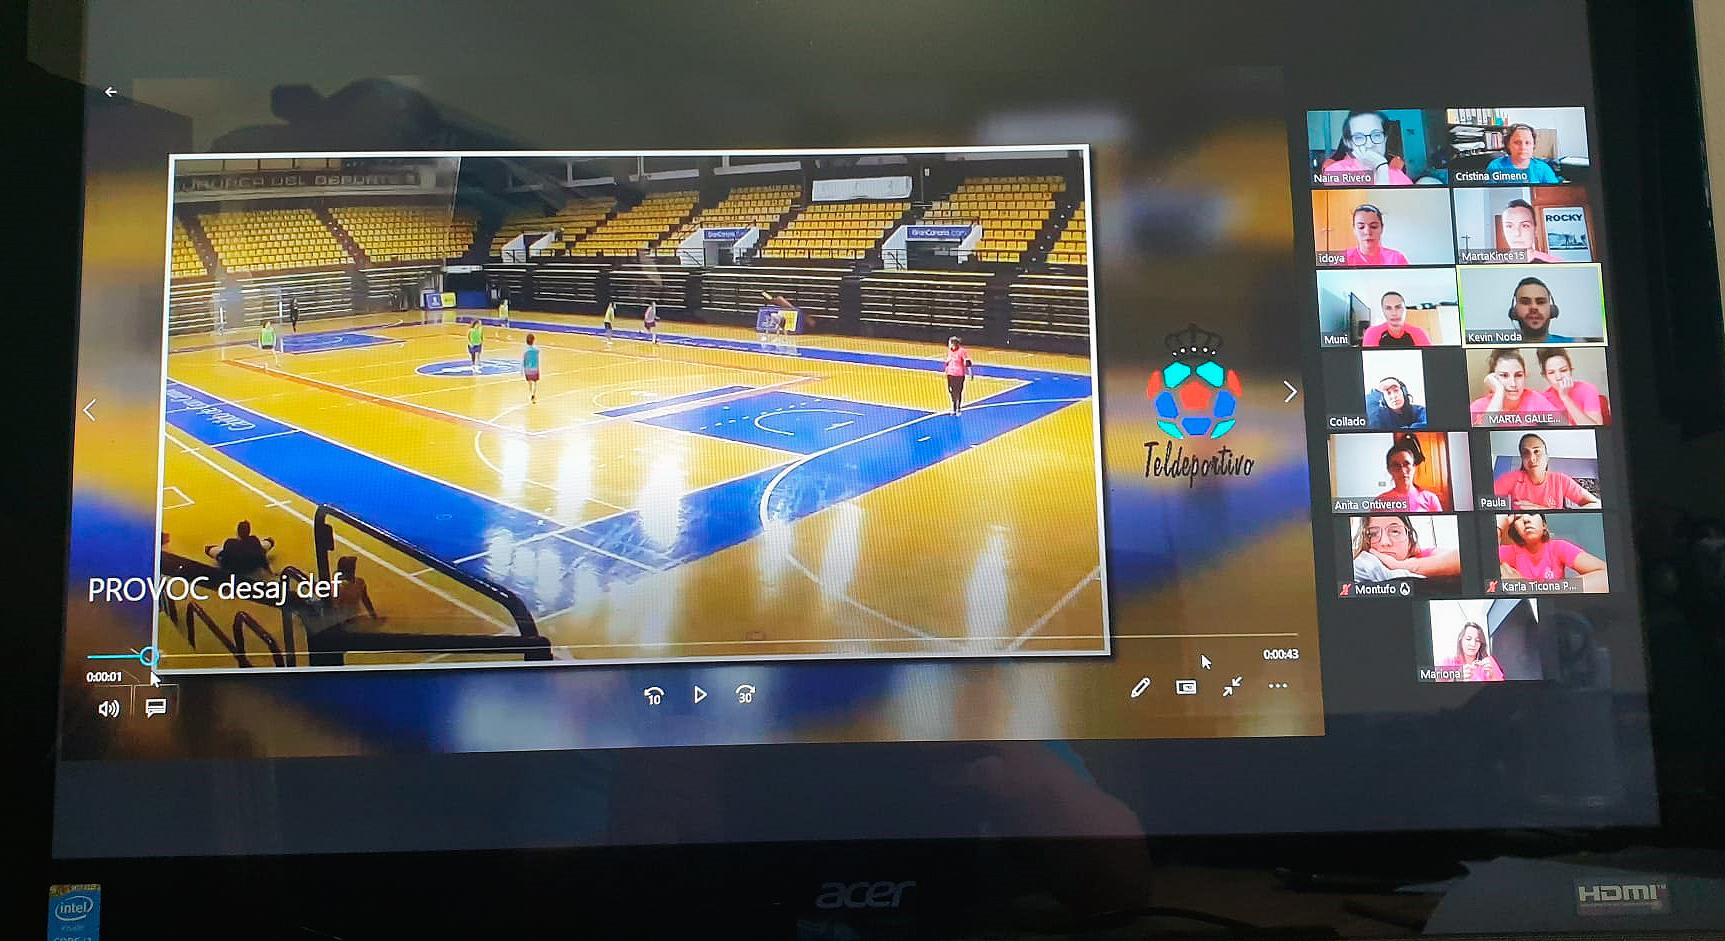 Sesiones virtuales de entrenamiento para el Gran Canaria Teldeportivo